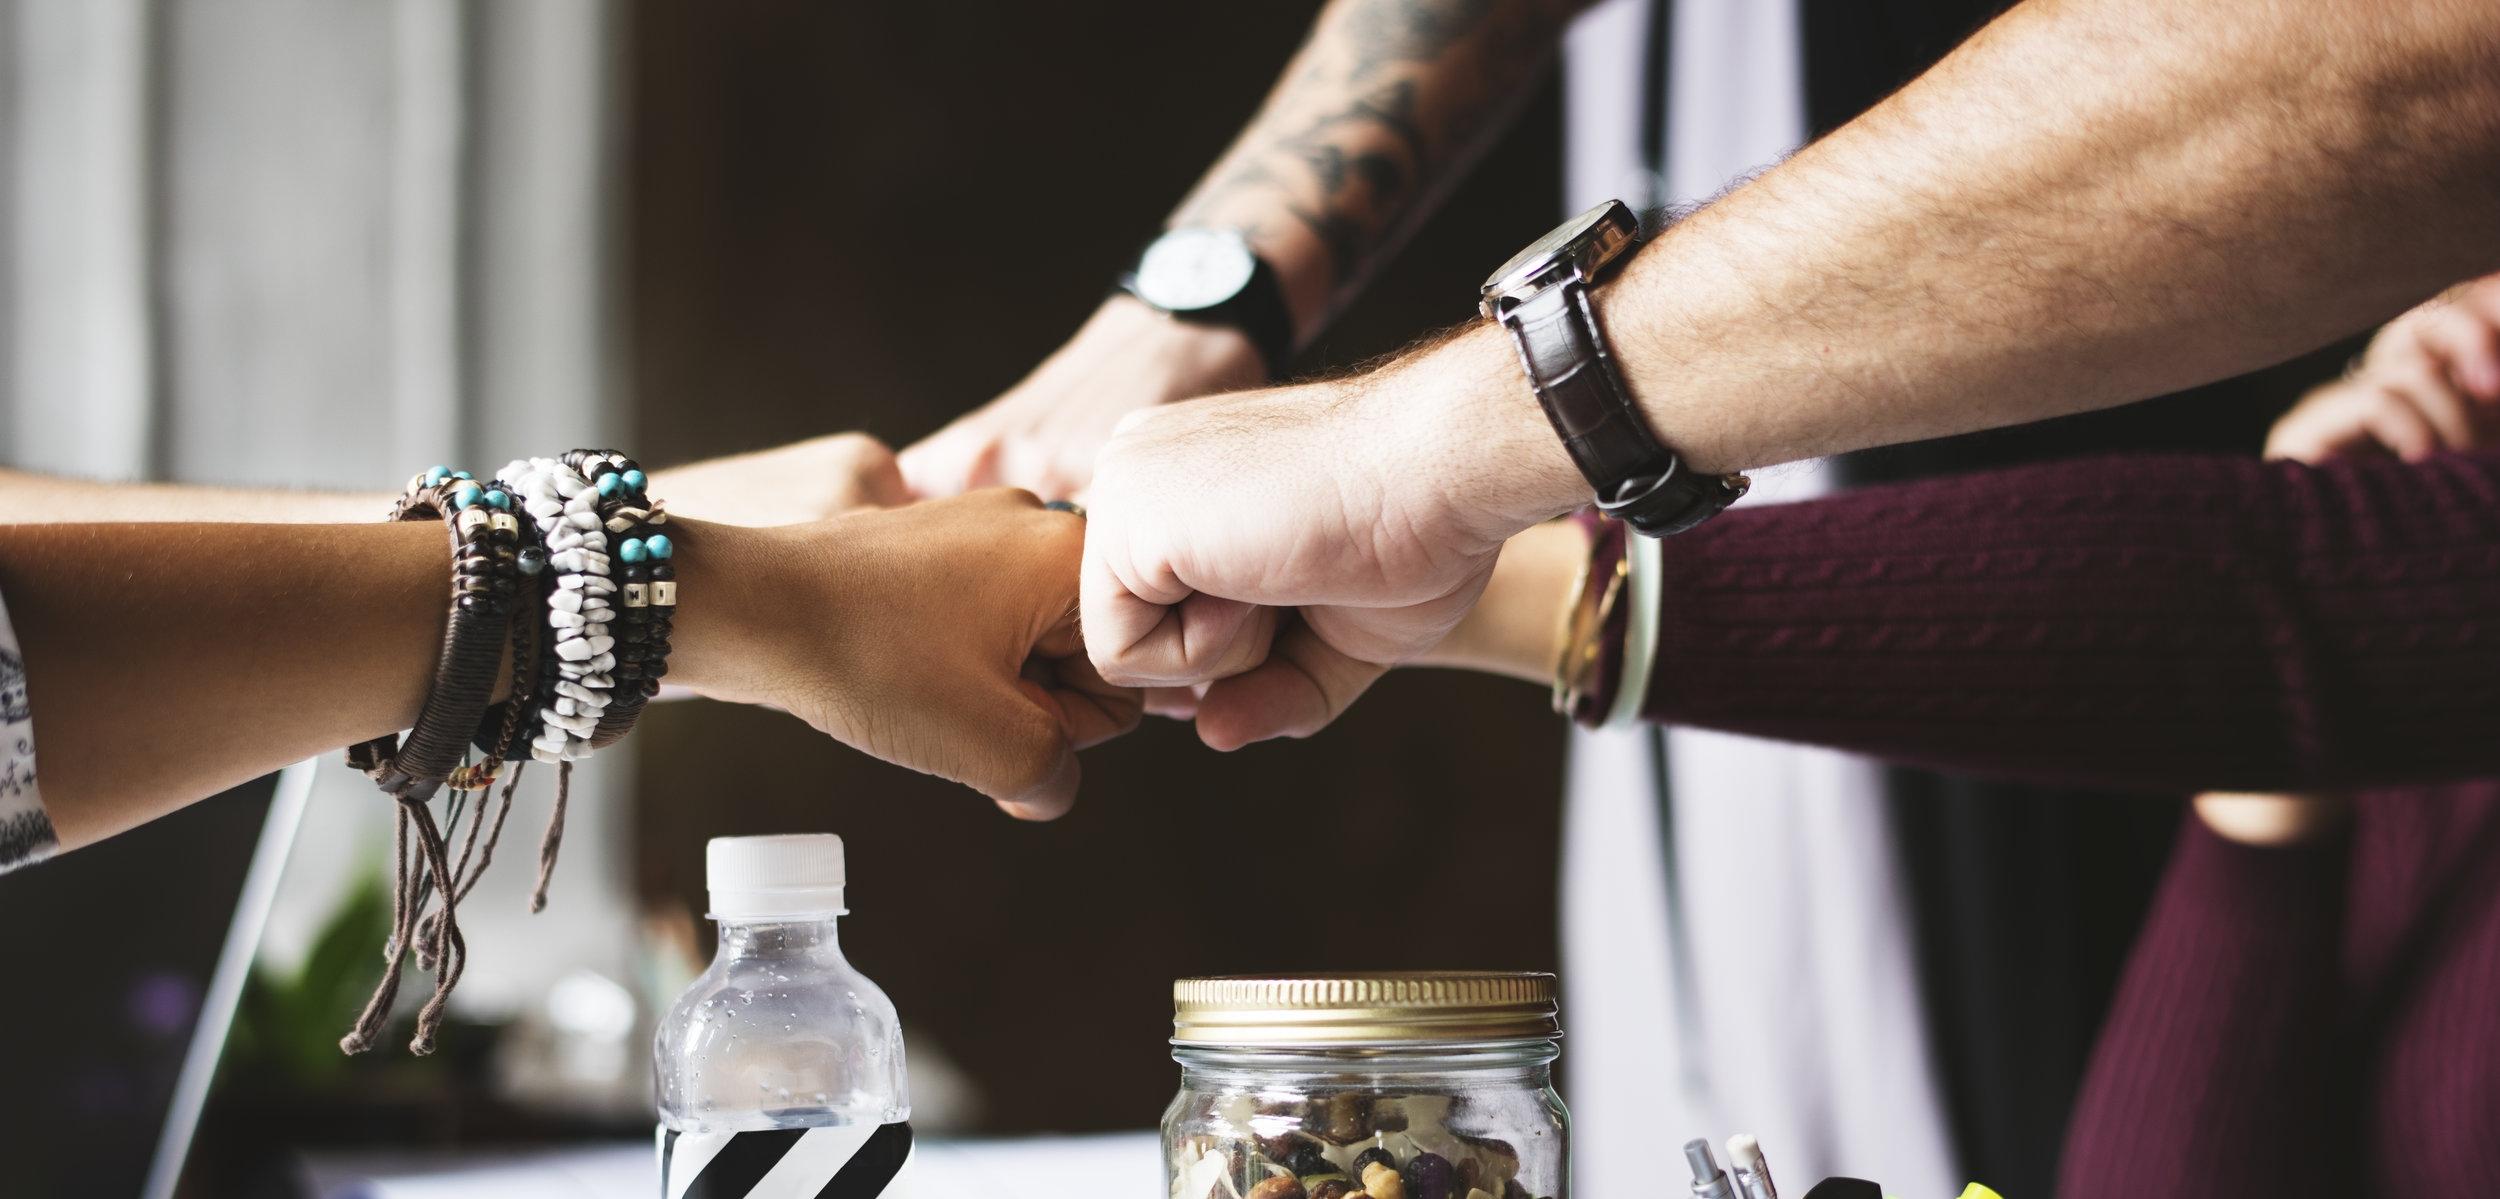 We build powerful teams. -